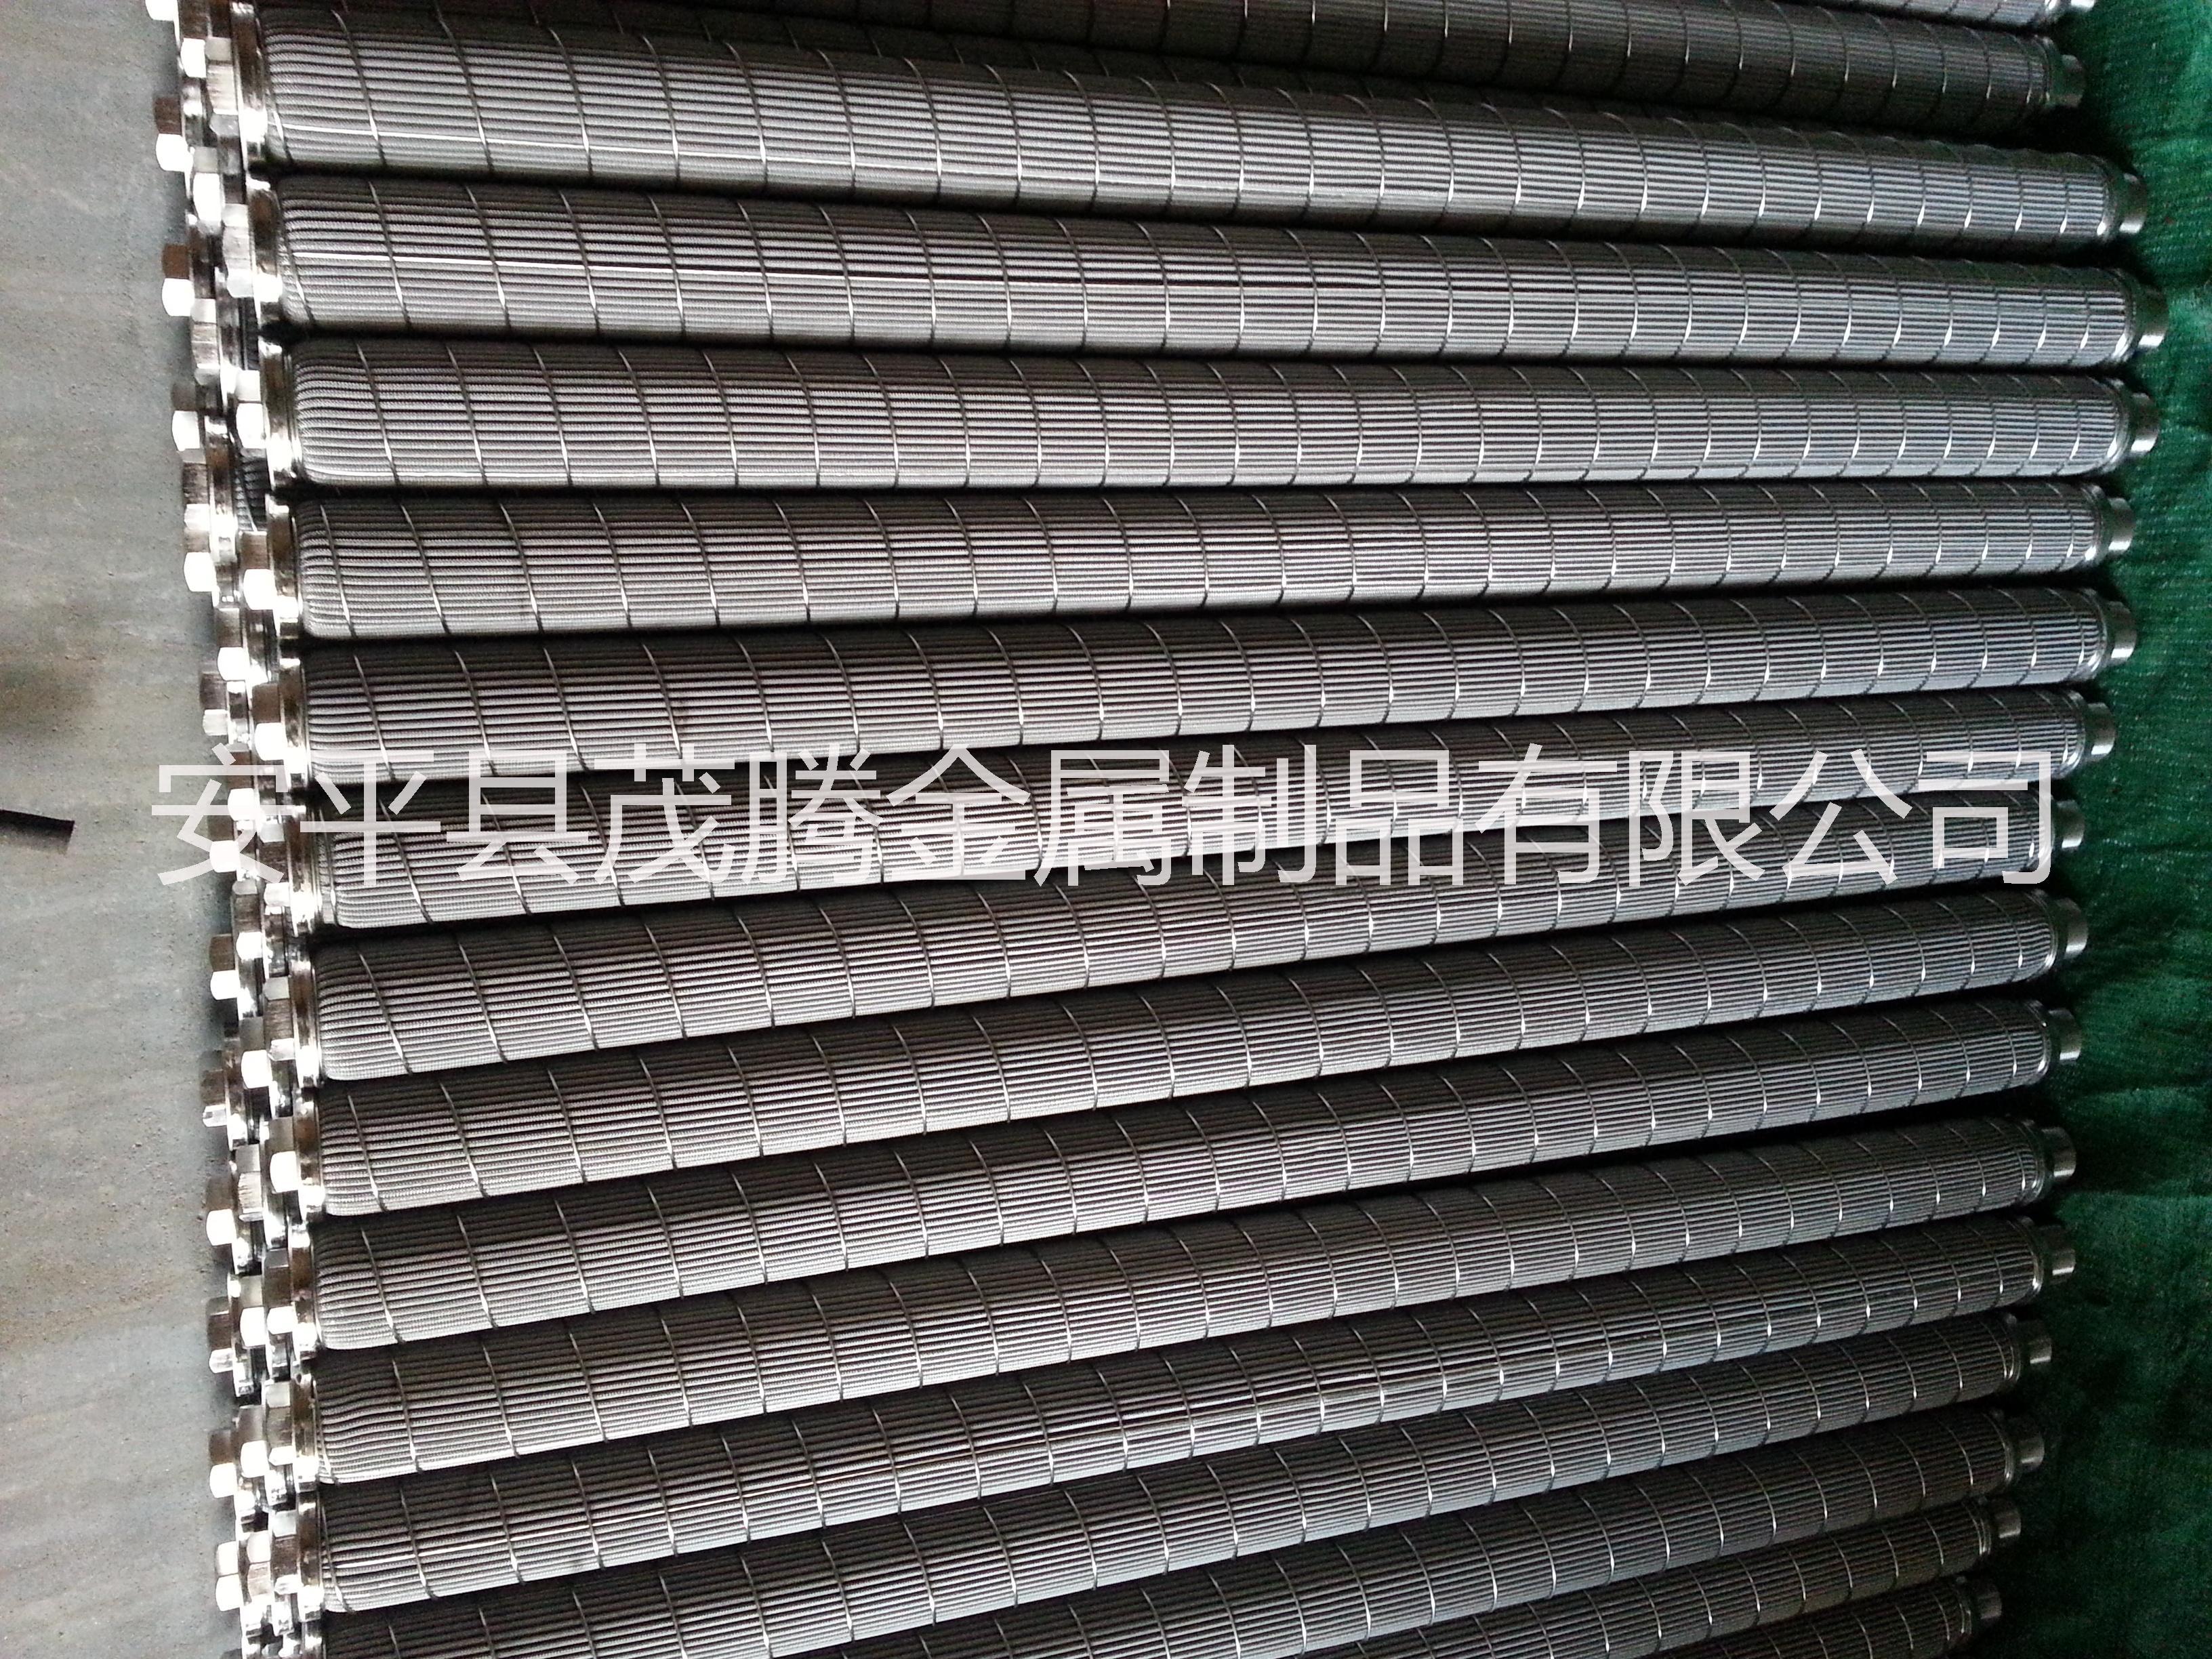 供应折叠滤芯,金属滤芯,波纹状滤芯,不锈钢滤芯,过滤材料 不锈钢高效耐酸碱微孔波纹状滤芯